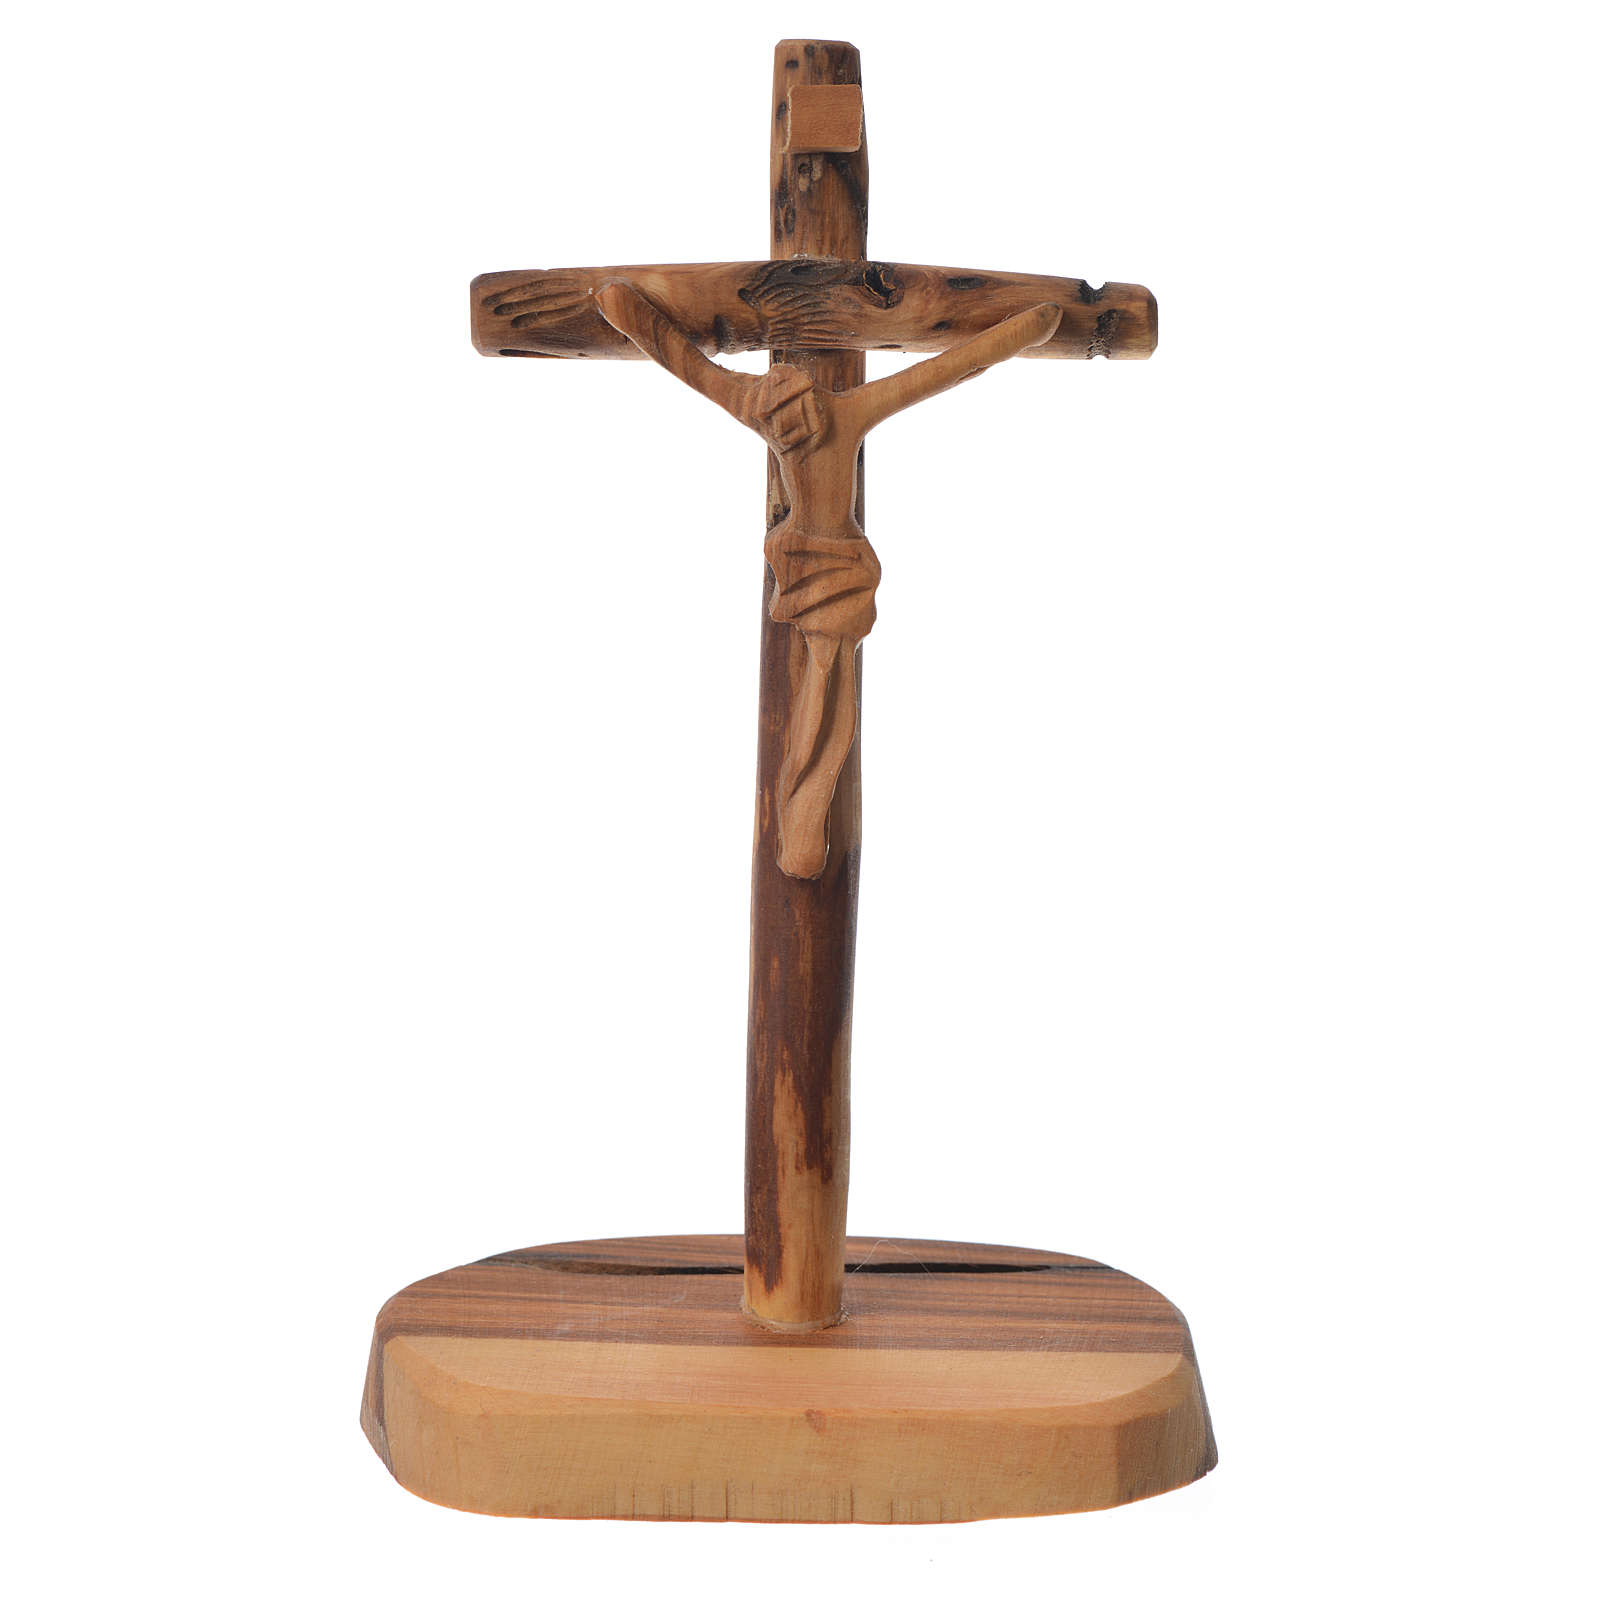 Krzyż drewno oliwne Medziugorie z podstawą 15x7 cm 4